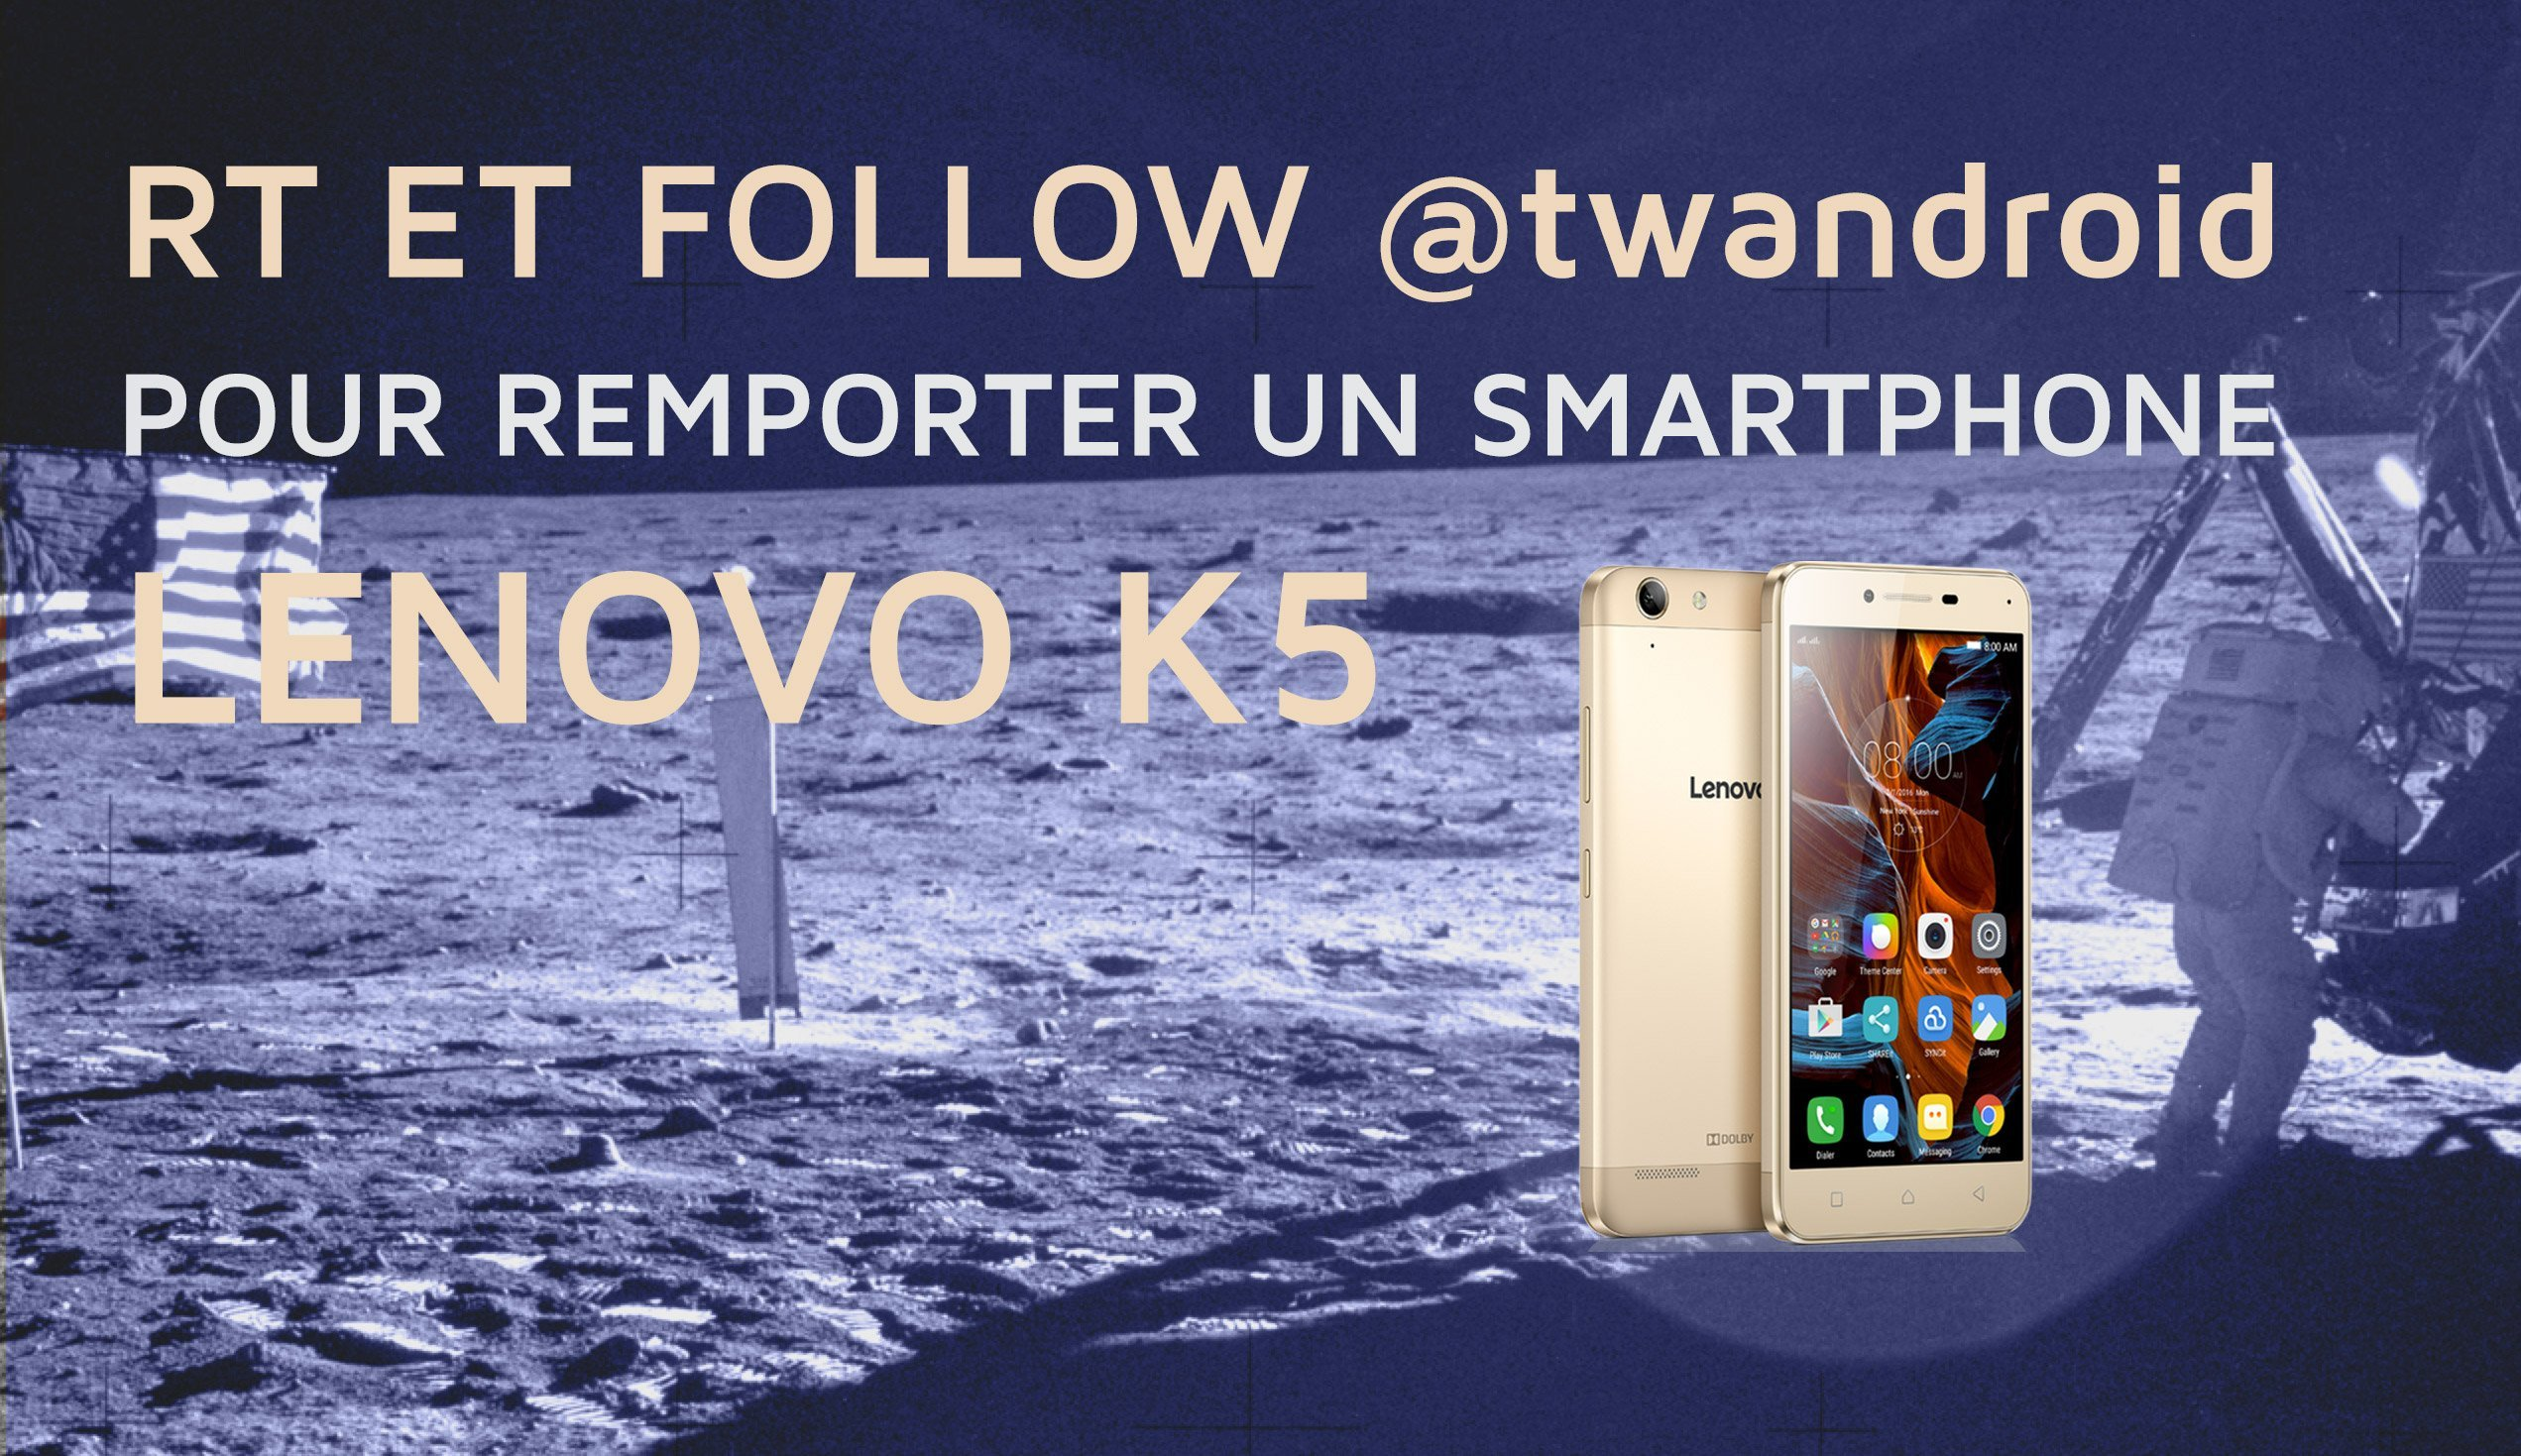 Jeu-concours : tentez de gagner un Lenovo K5